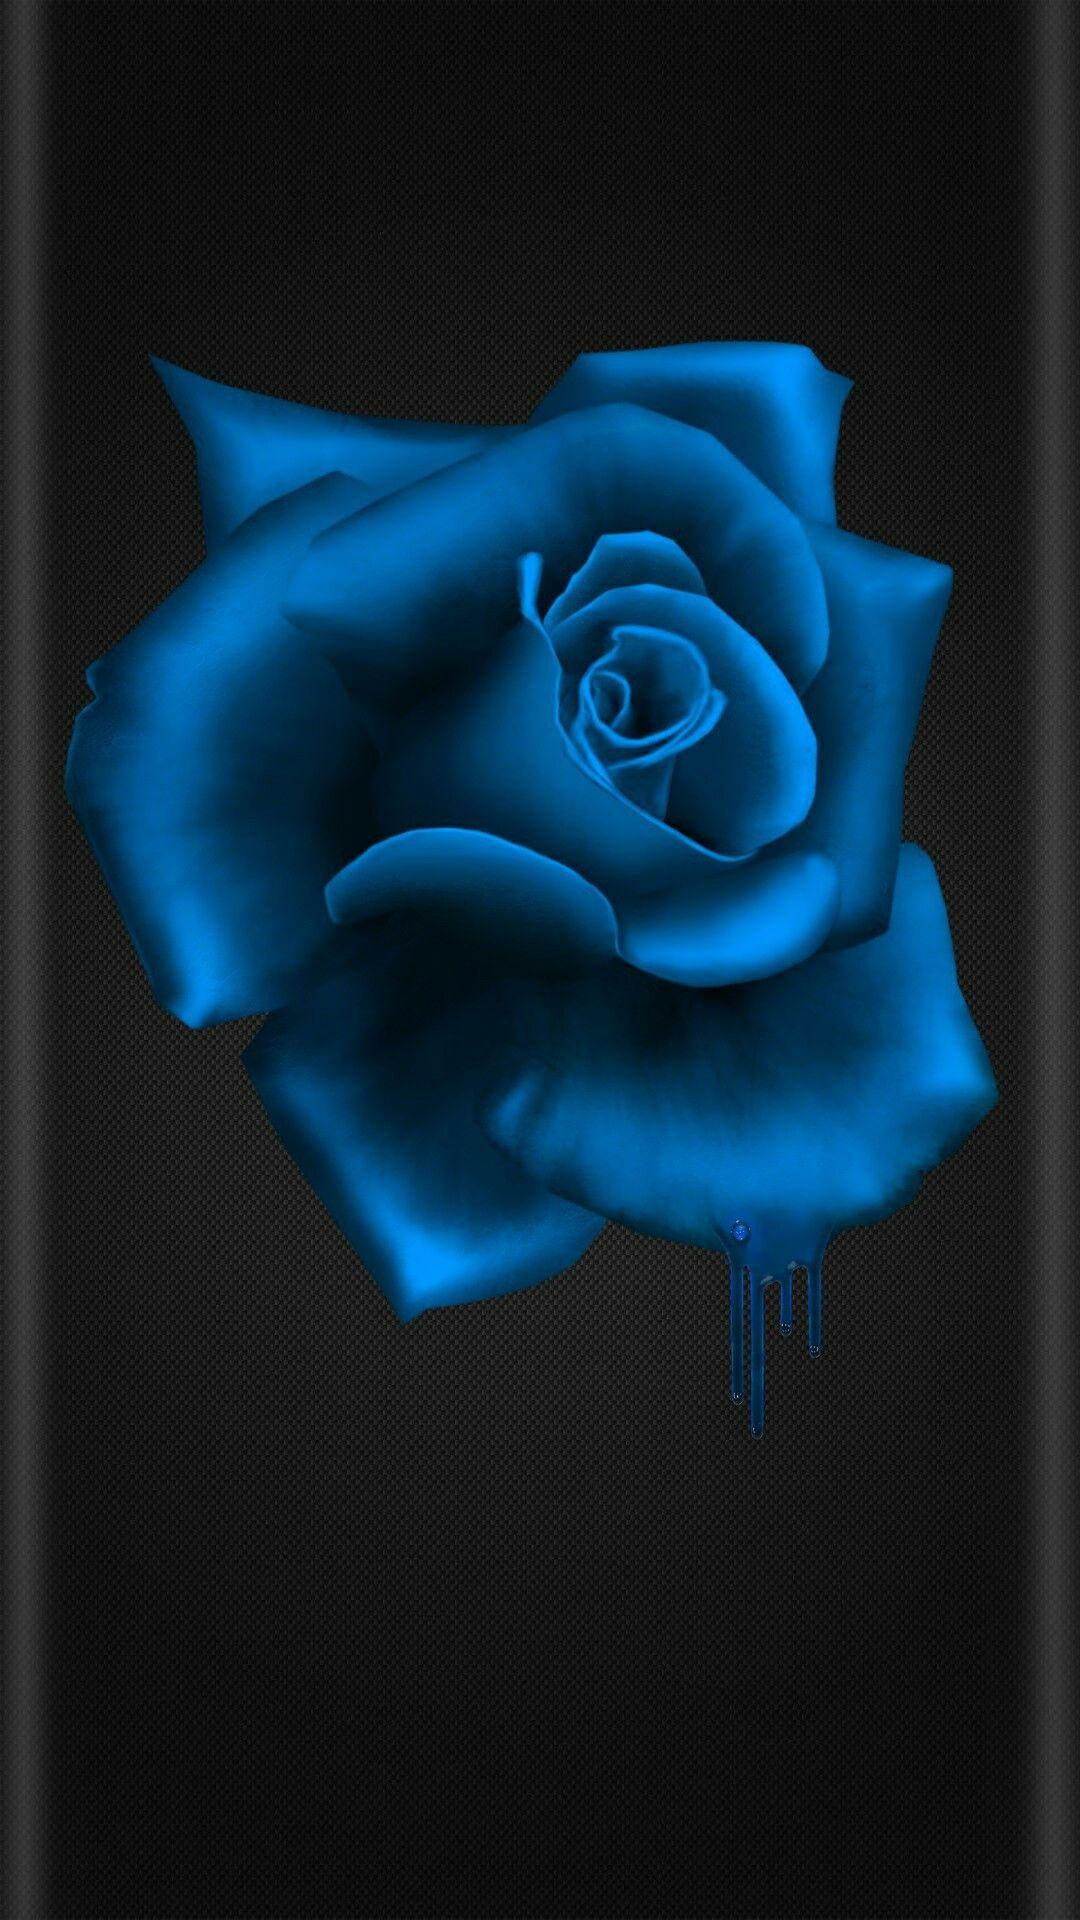 Black And Blue Flower Blue Flower Wallpaper Blue Roses Wallpaper Black And Blue Wallpaper